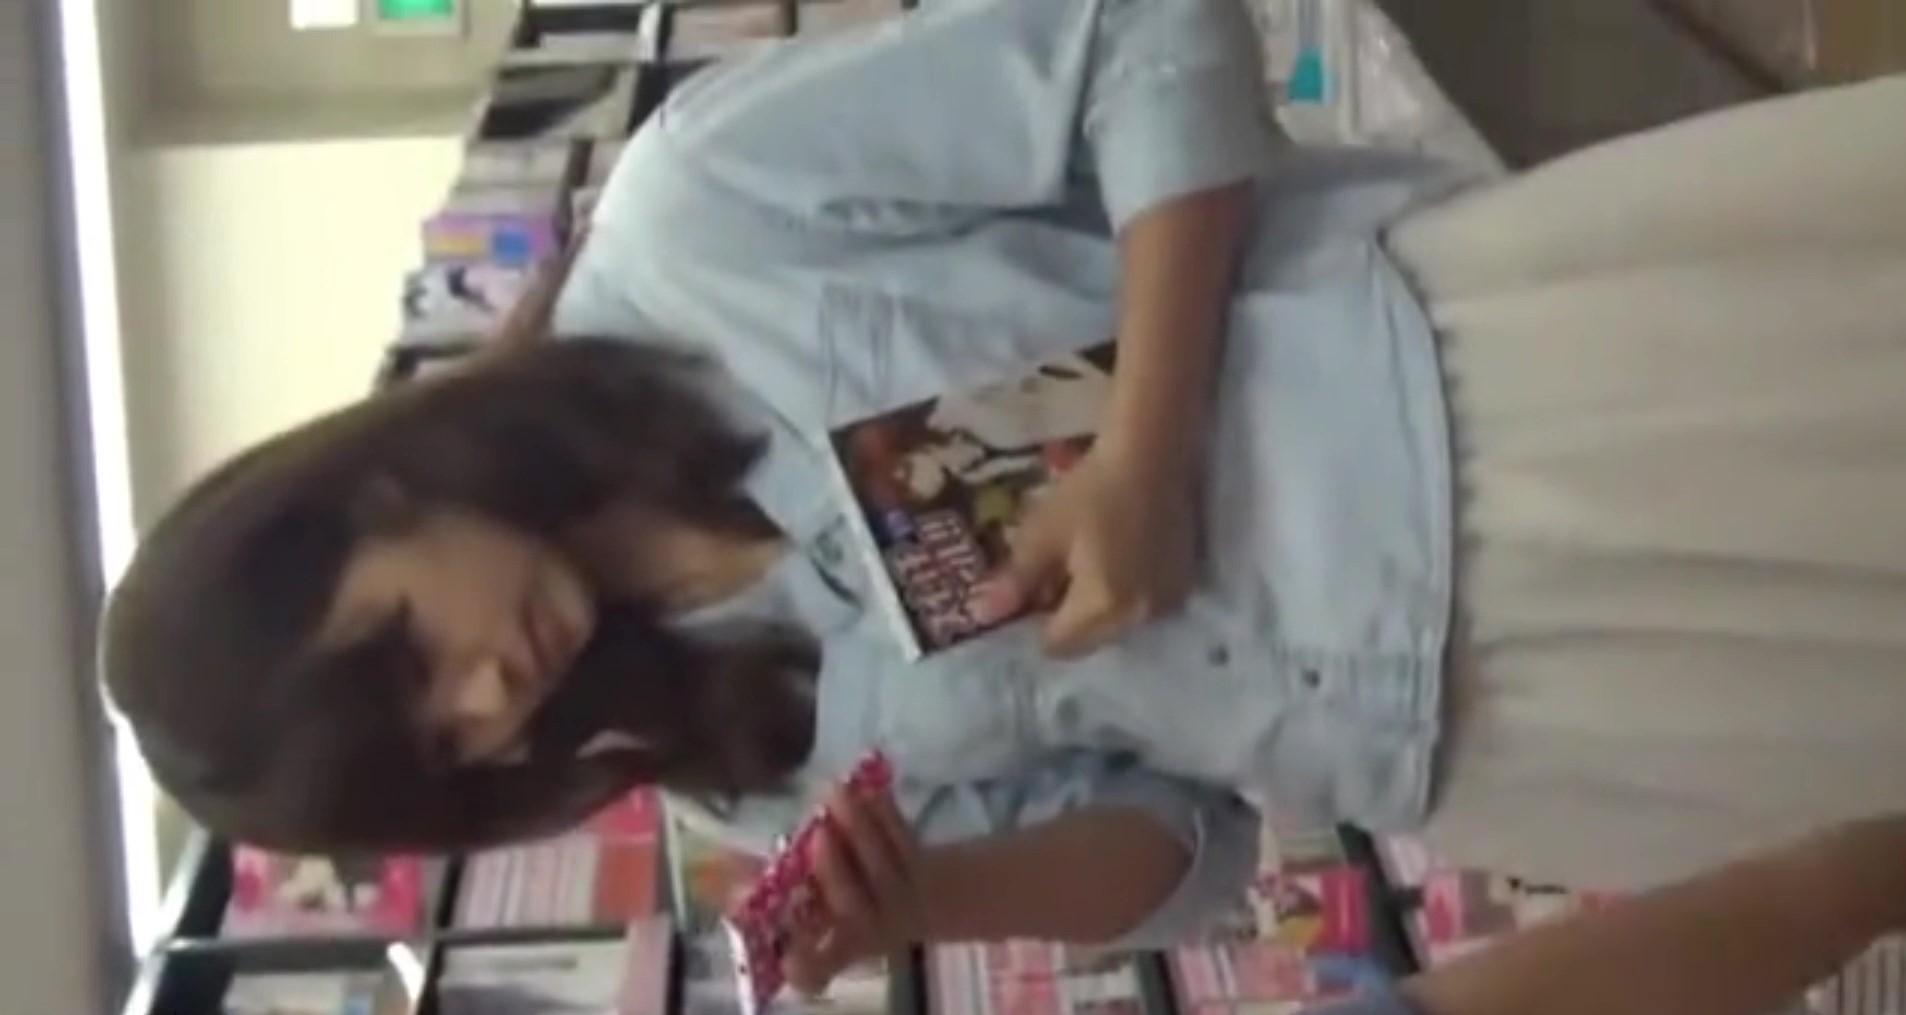 【将来は女子アナ!?】私服超美少女JKが本屋で友達と話してて盗撮に気づいてない!ウブなパンツと細身の脚がクッソエロいいい